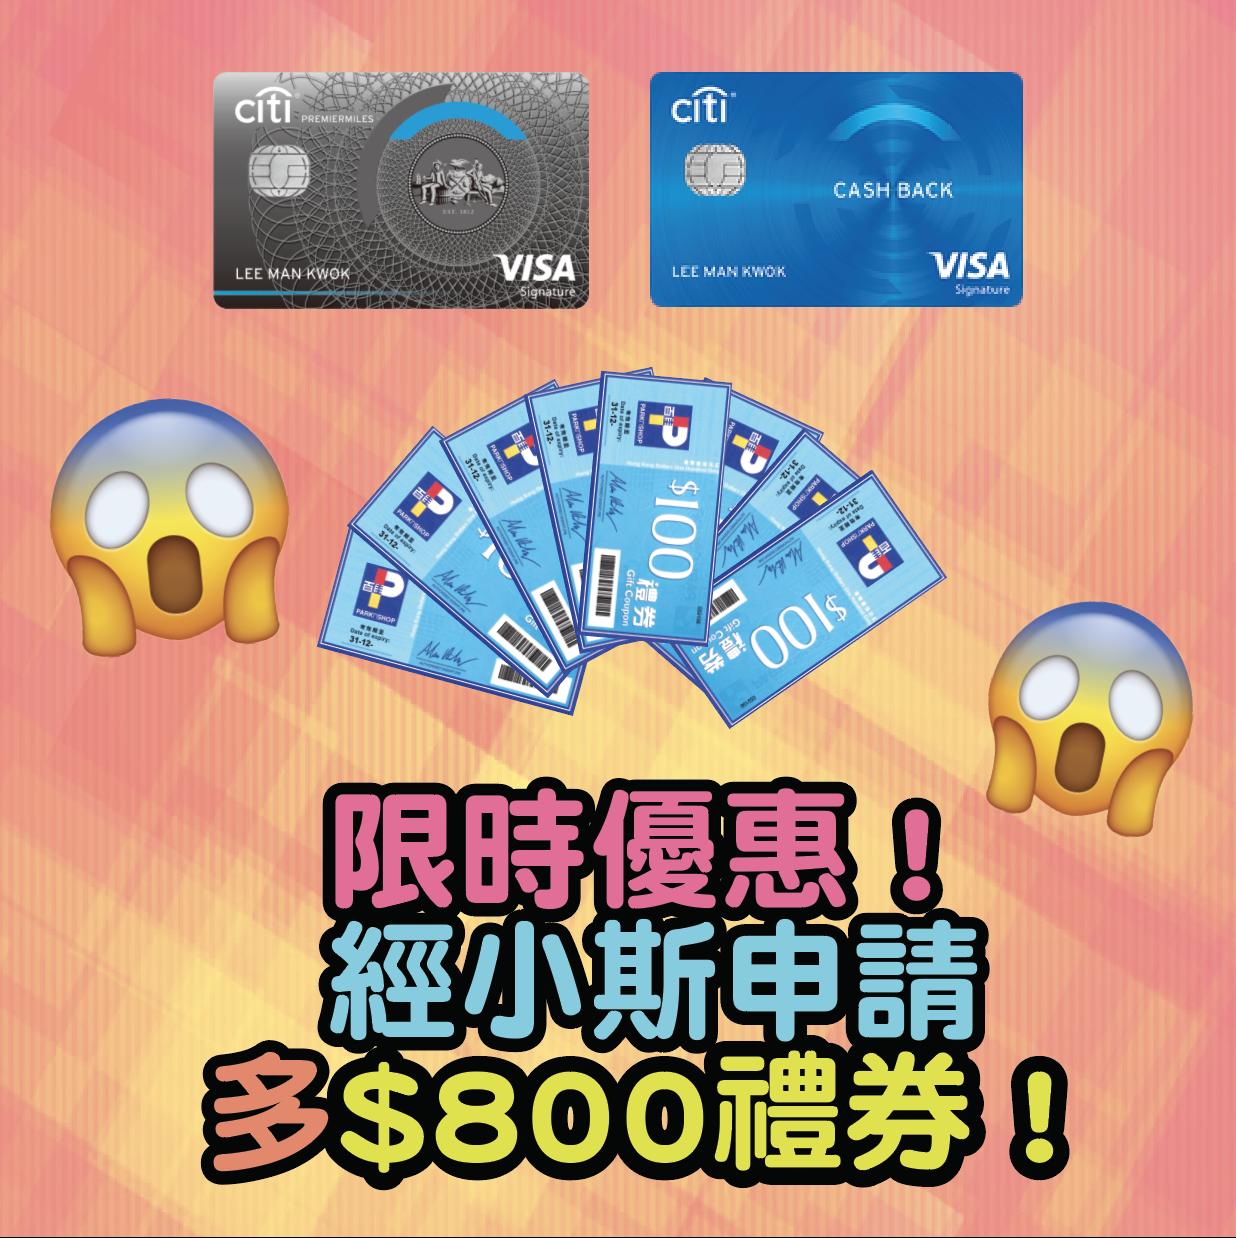 Citi Cash Back Visa 信用卡